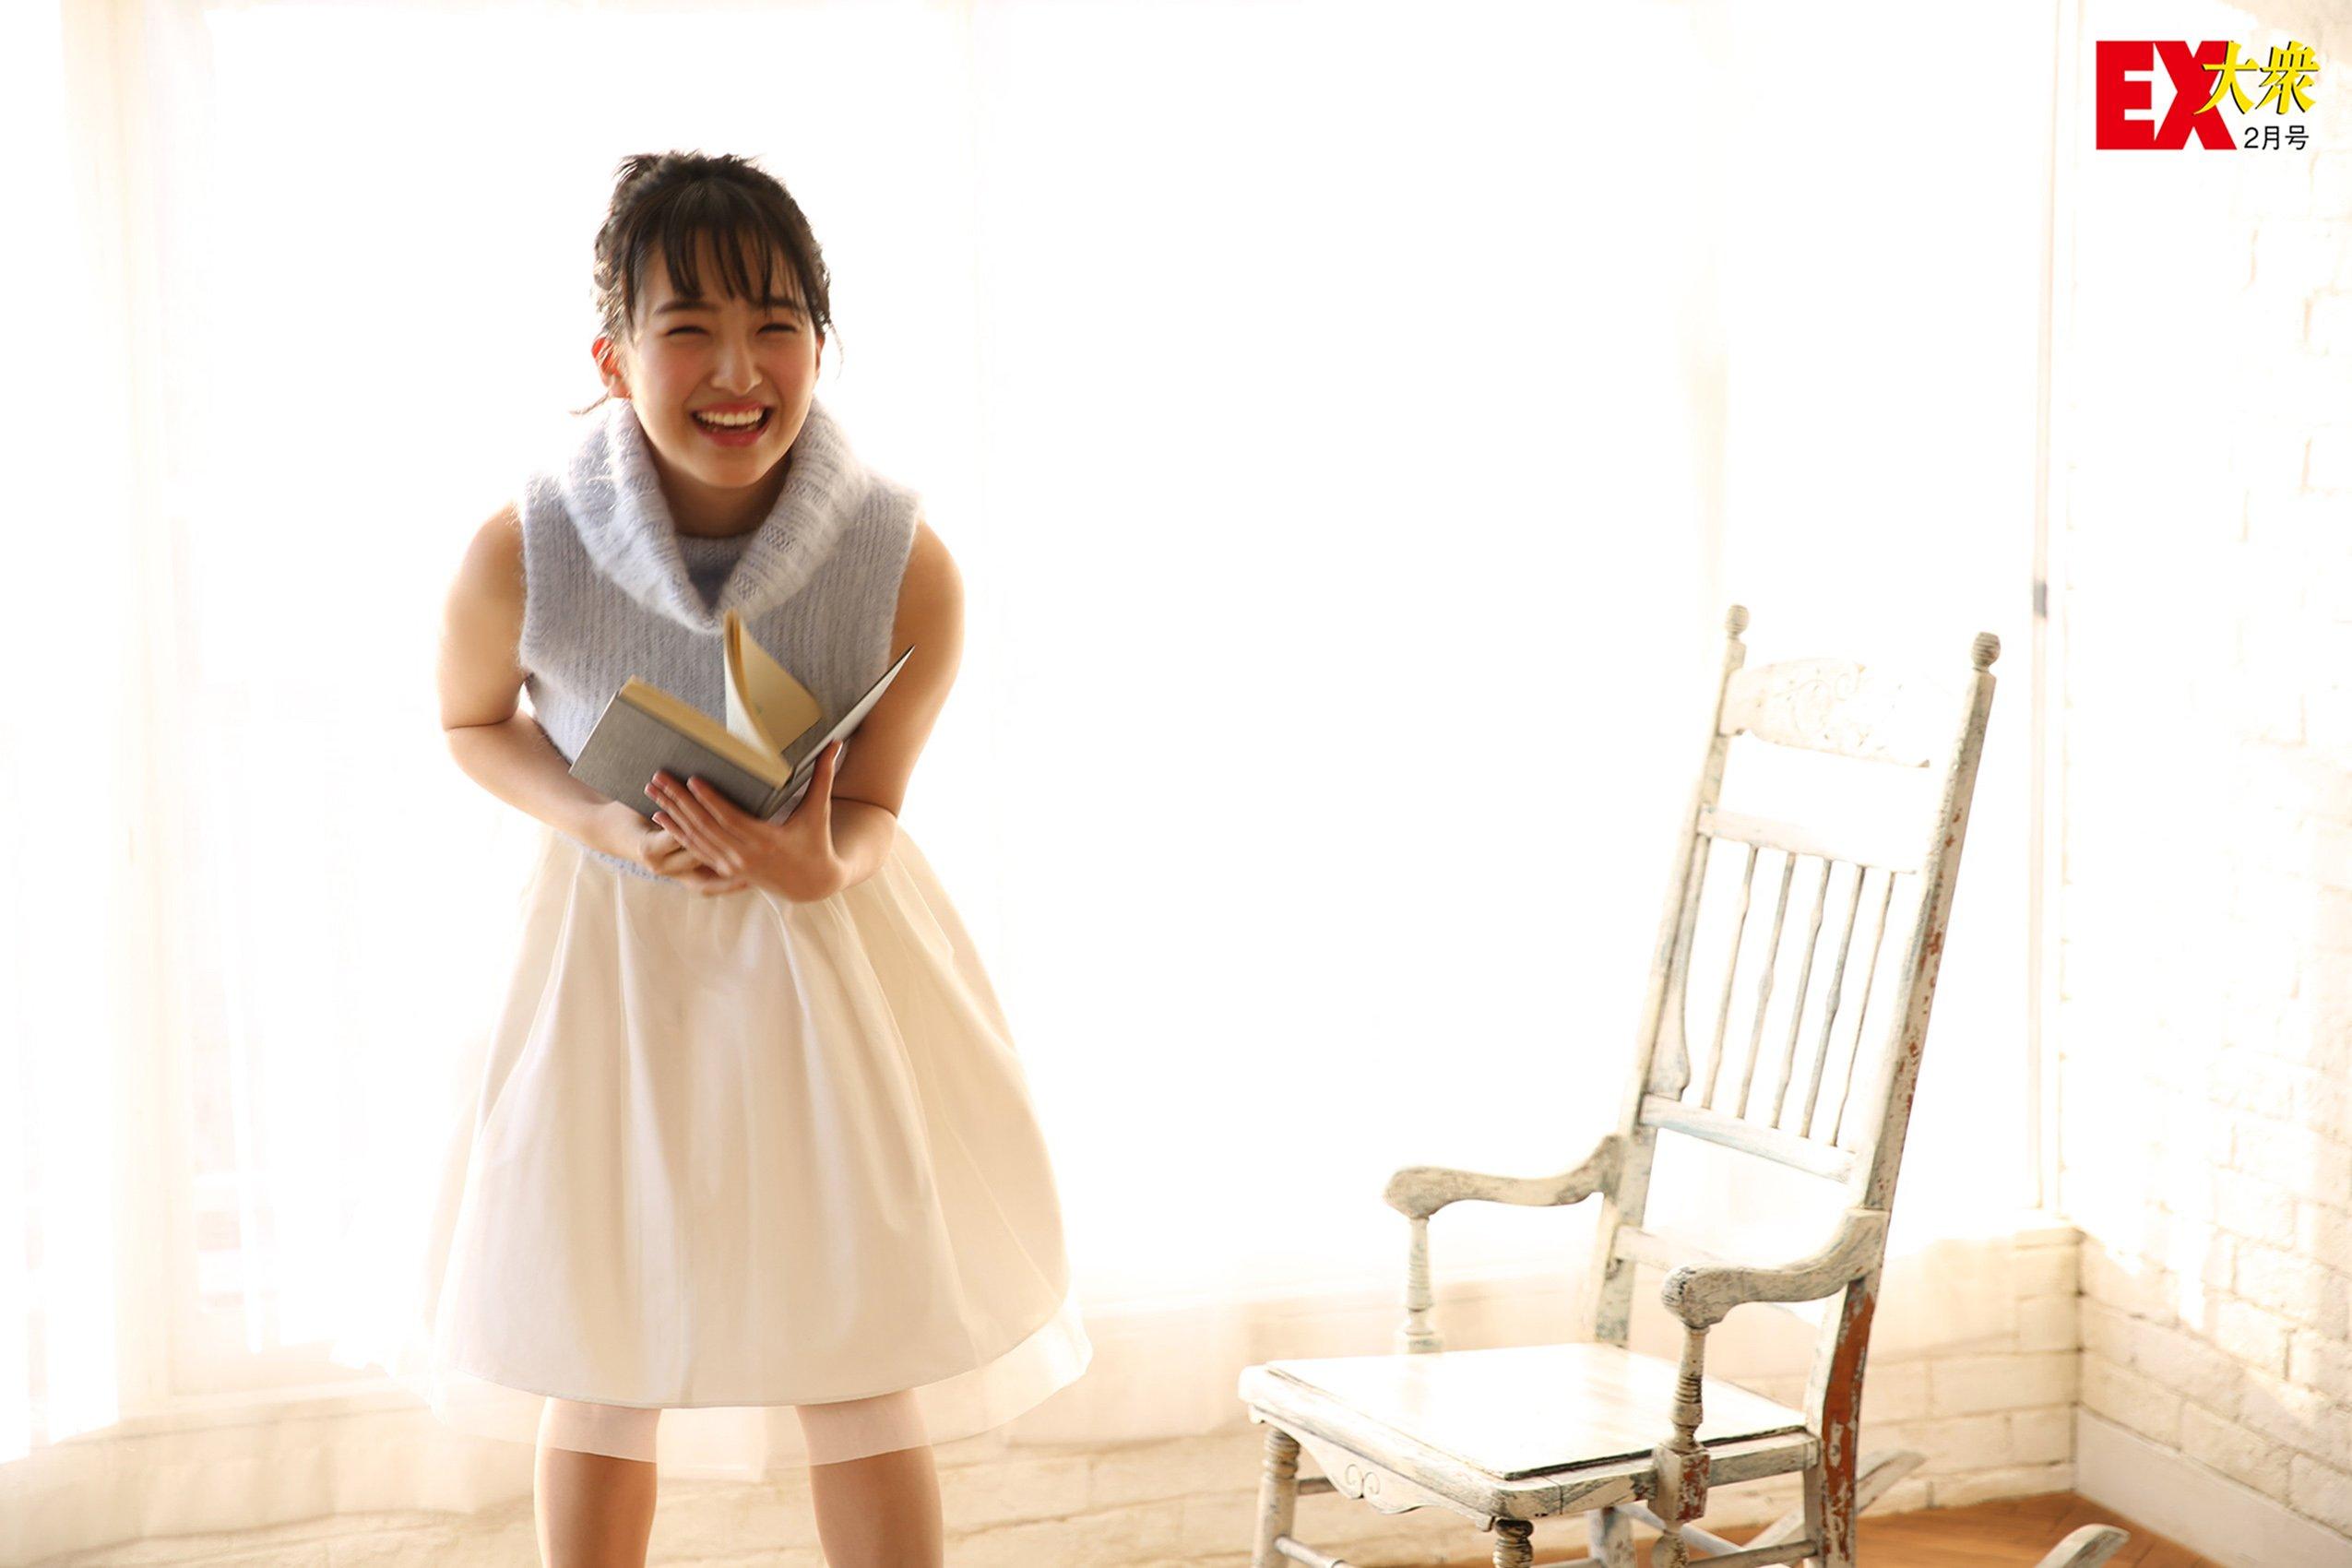 타시마 메루(田島芽瑠, たしま める) - EX대중 2016 2월호 미게재 컷